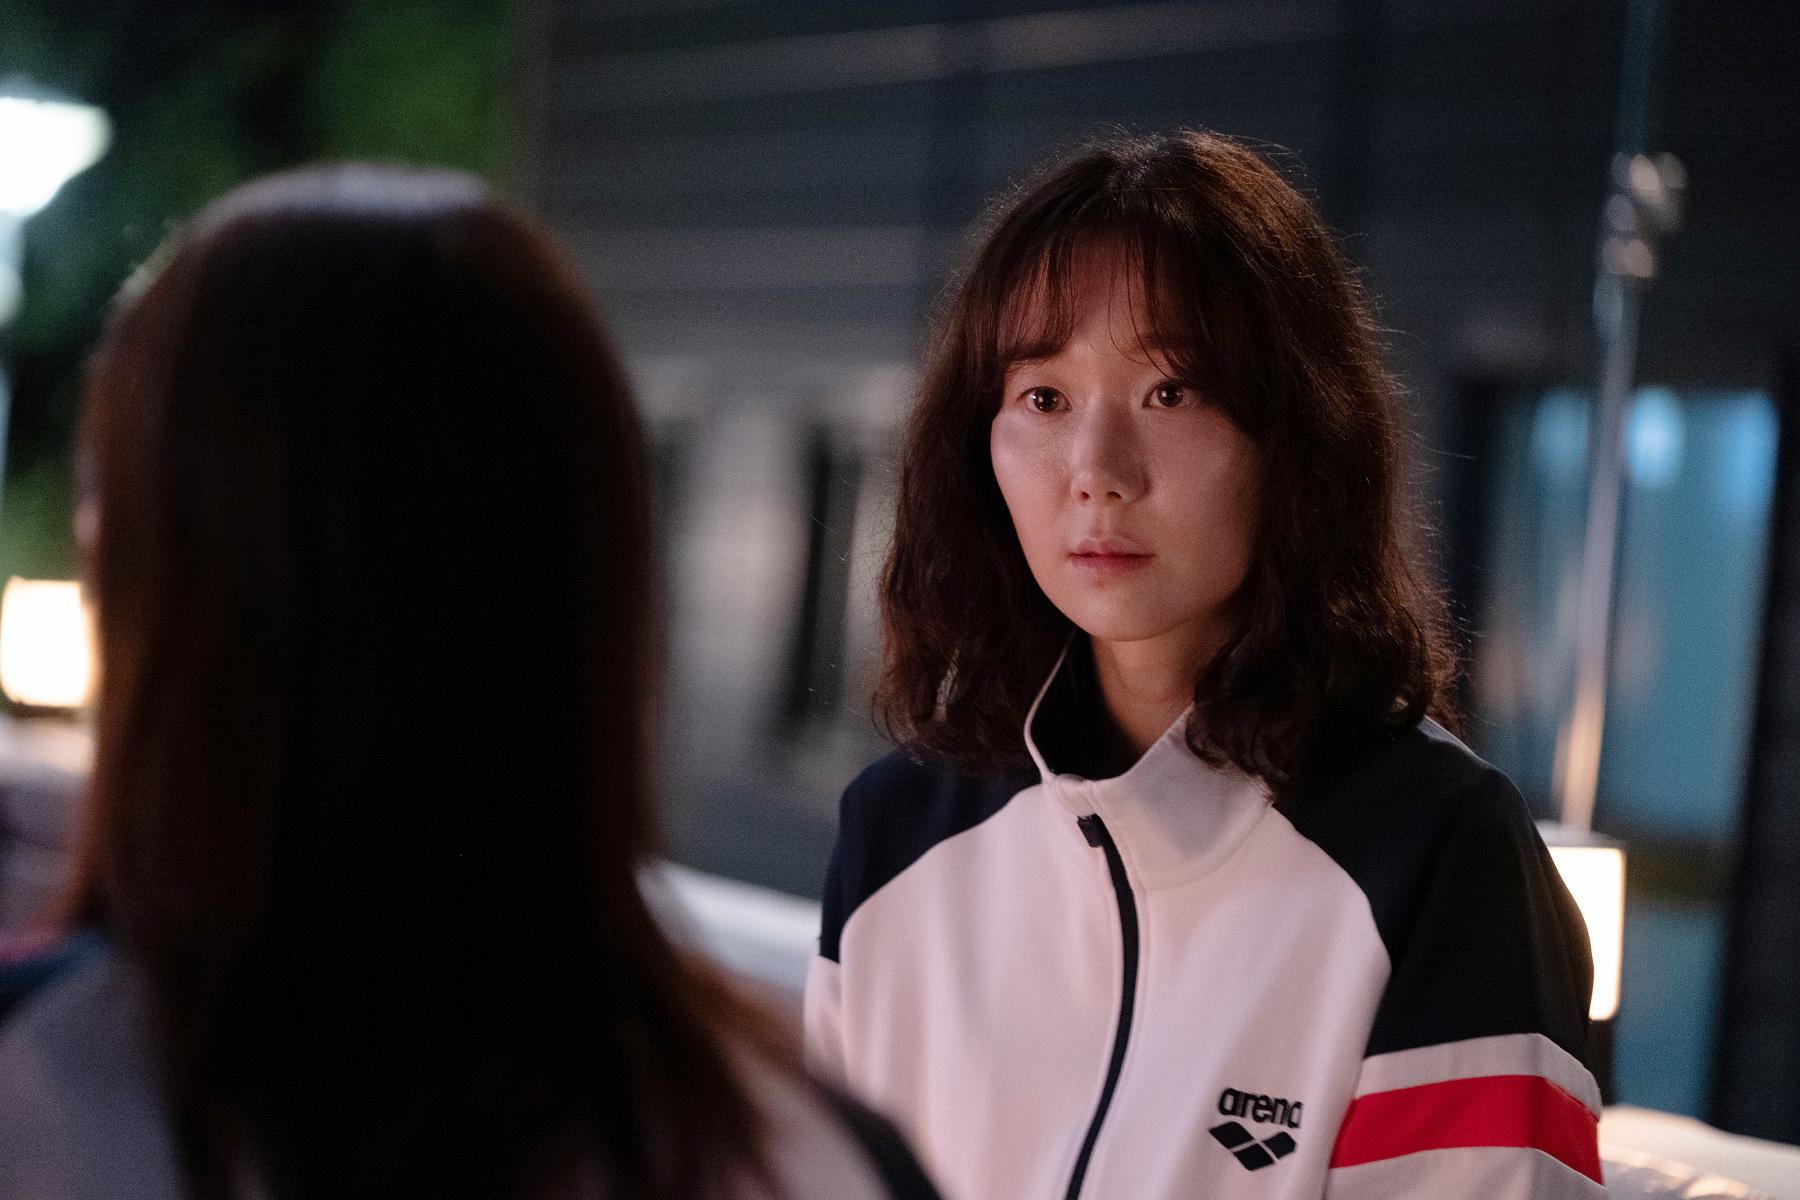 有「黑暗角色專業戶」之稱的李裕英,這回再度接演充滿嫉妒心的角色